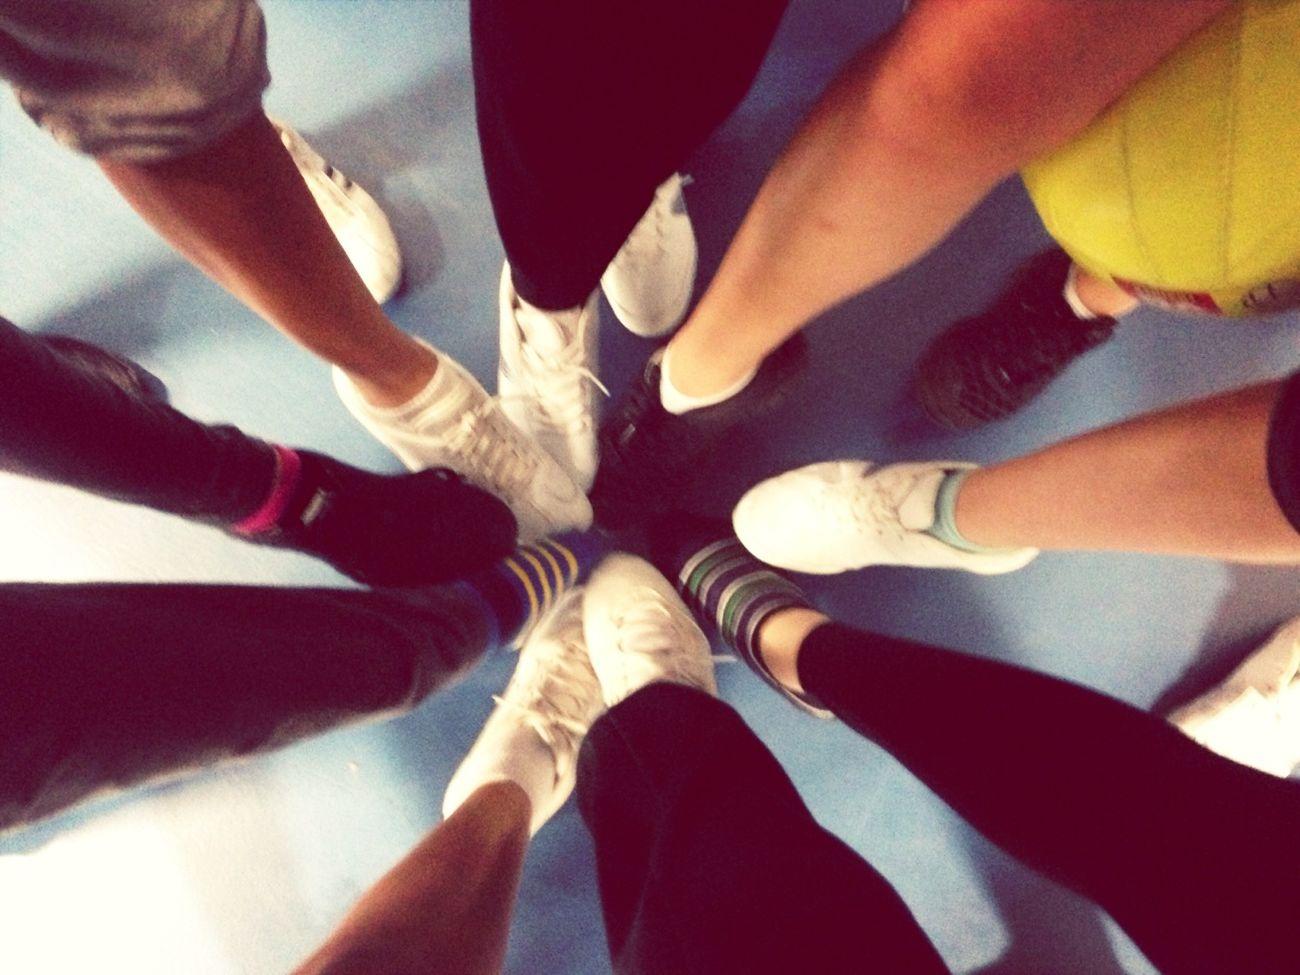 After Cheer Practice